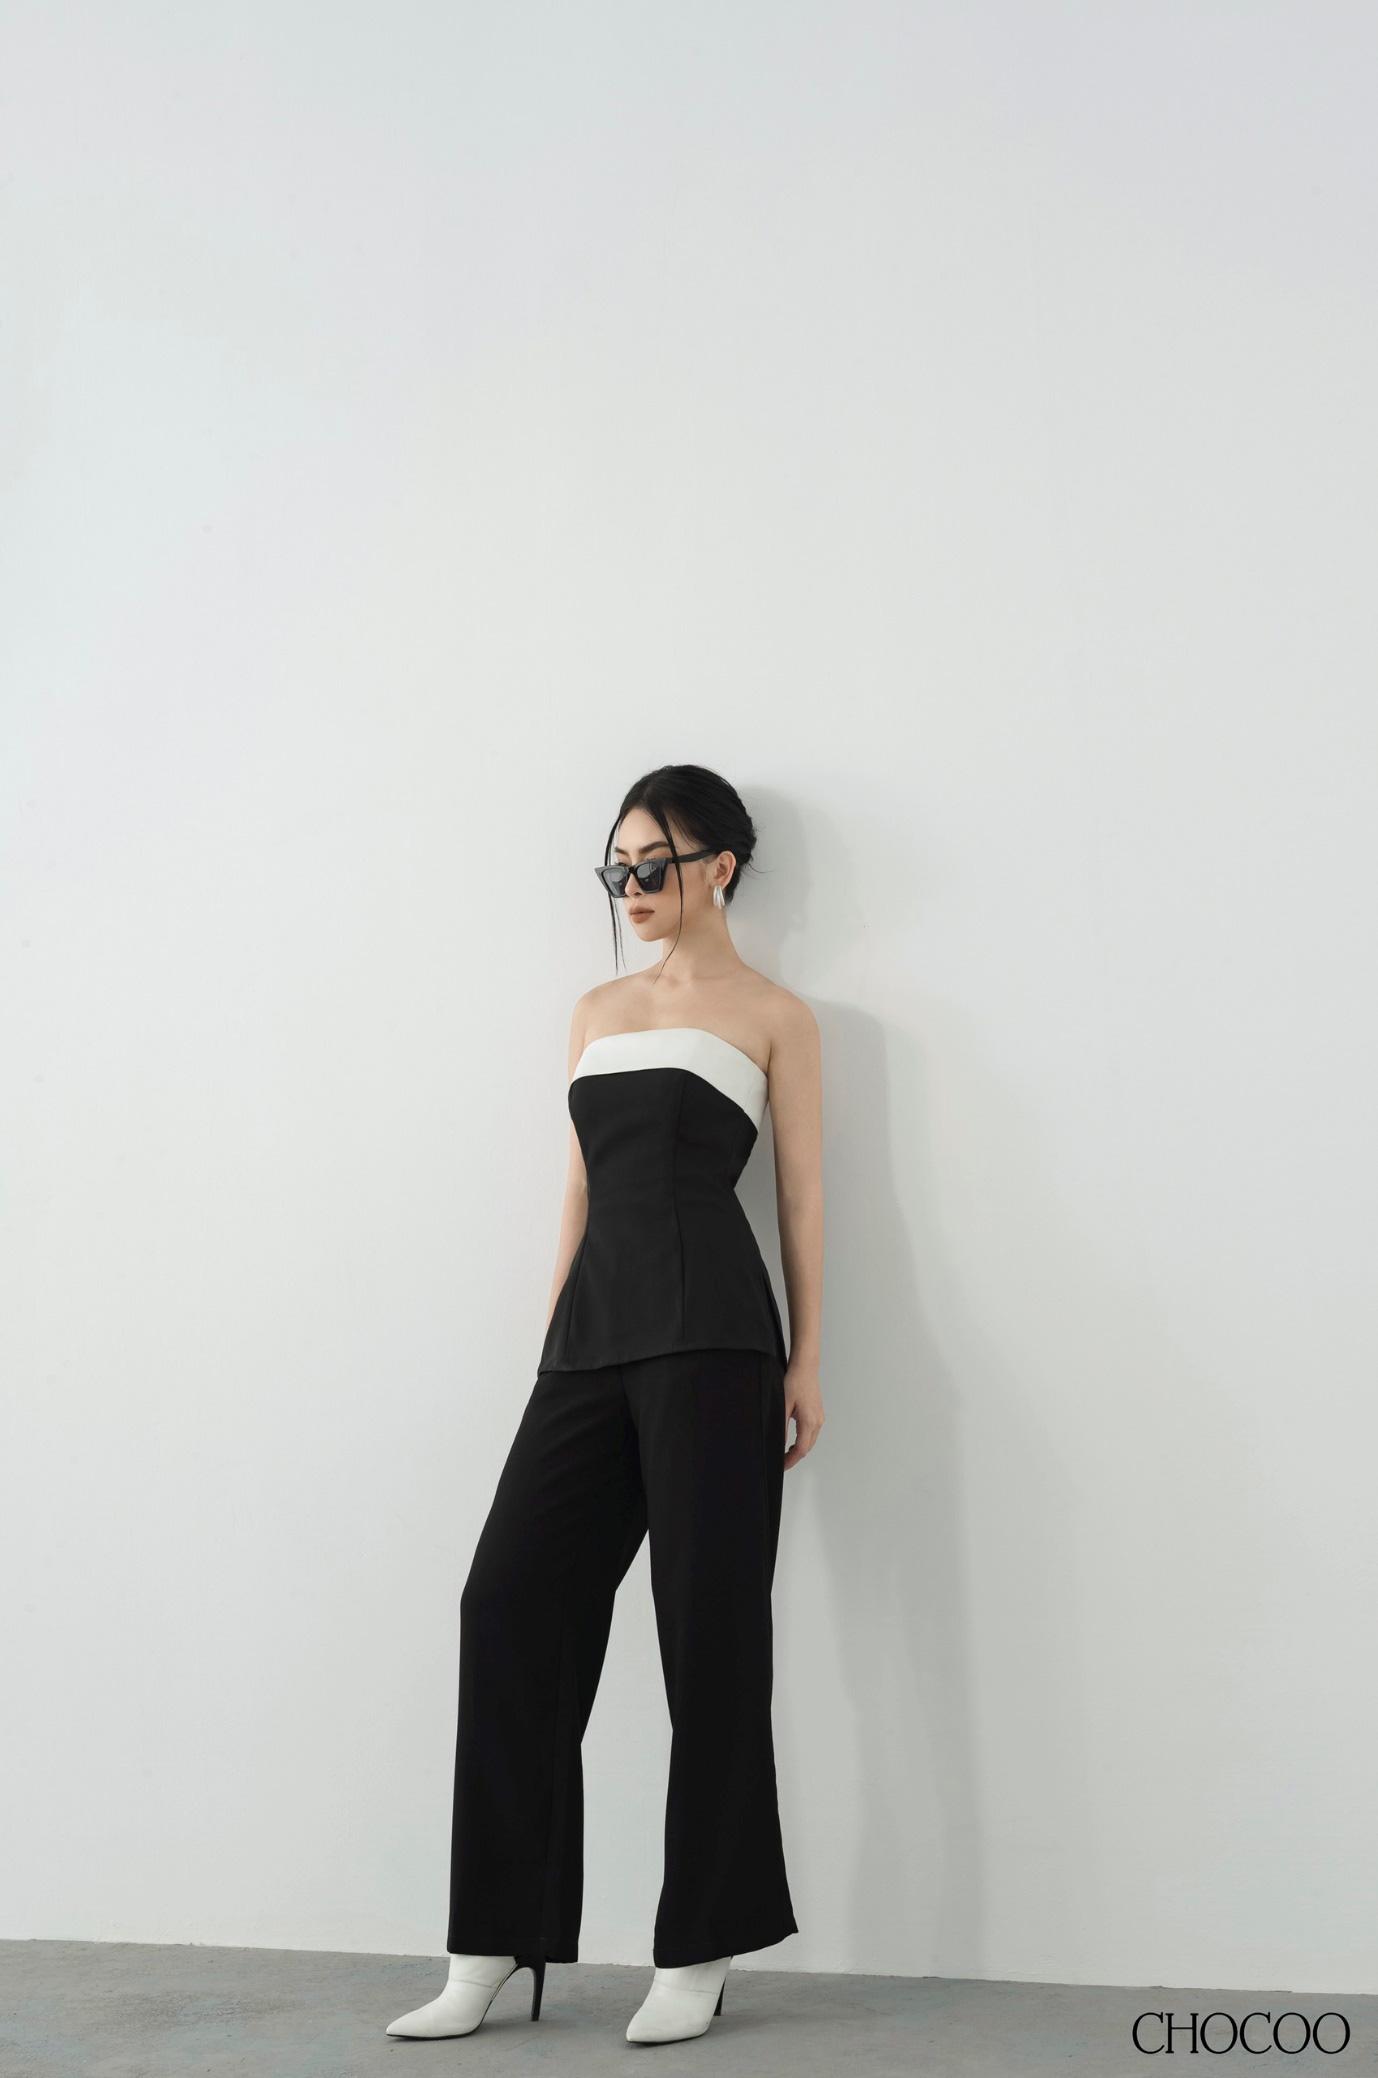 Brand thời trang nữ mang đậm chất riêng CHOCOO: Phong cách mới lạ, kiểu dáng độc đáo, hội chị em chắc chắn sẽ phát mê - Ảnh 1.